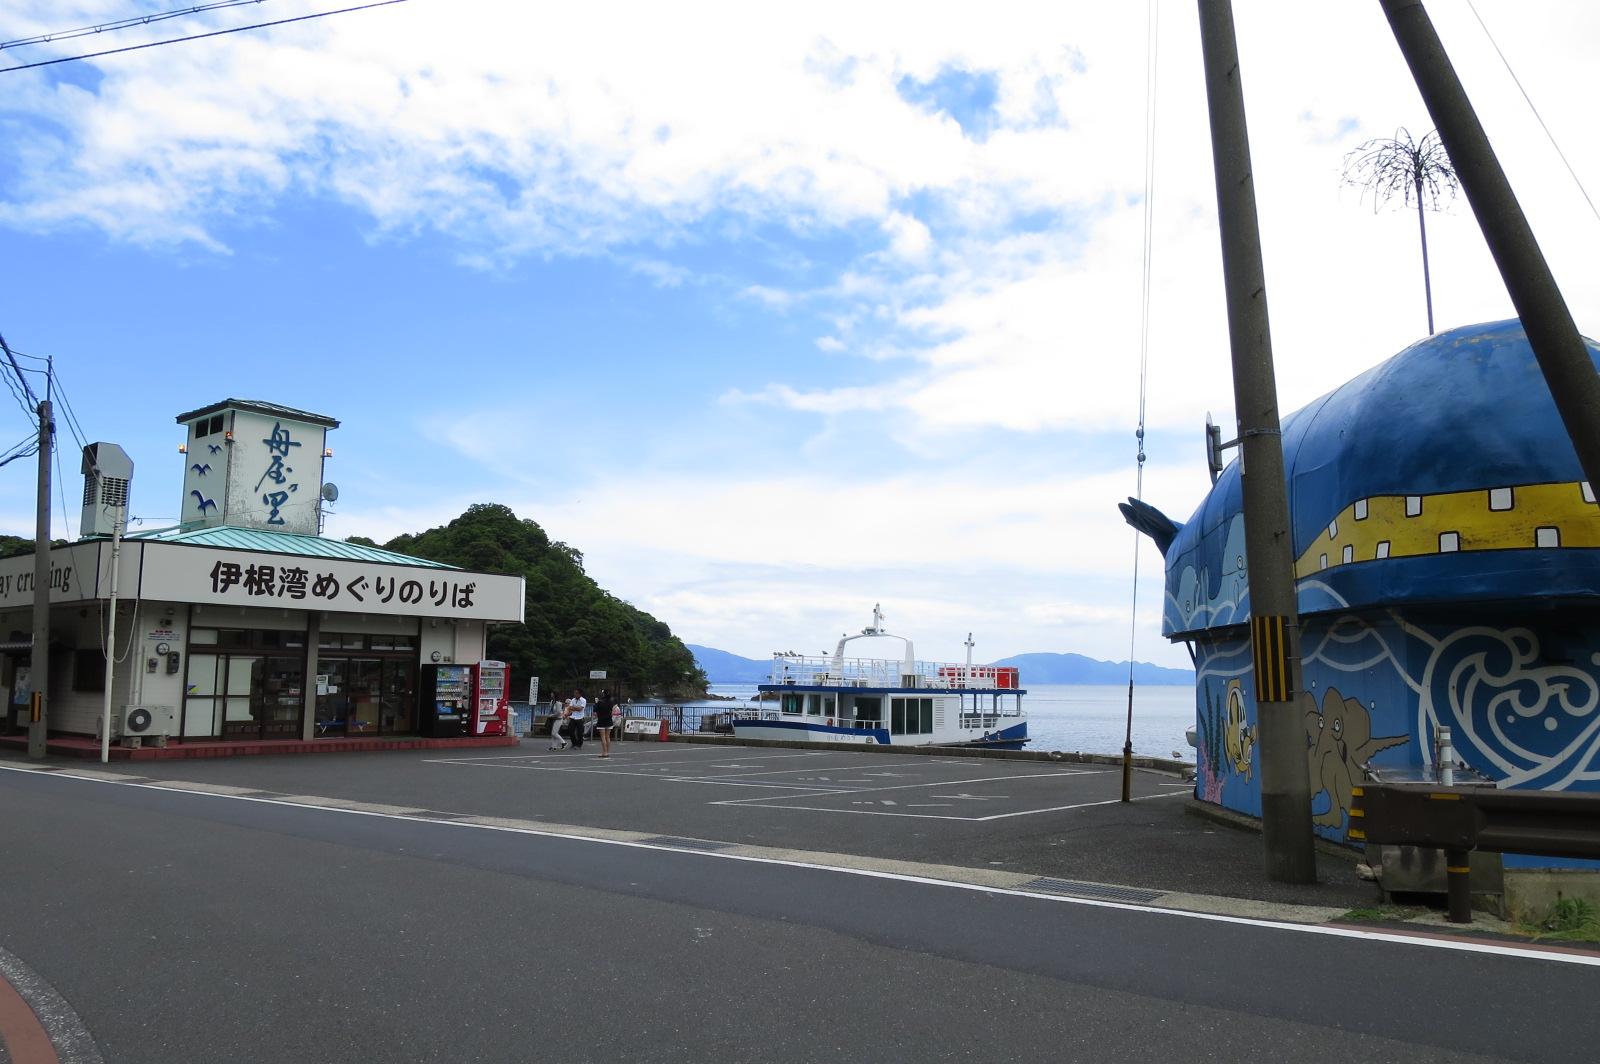 伊勢湾めぐり遊覧船のりば。大人680円、子供340円とリーズナブルです。